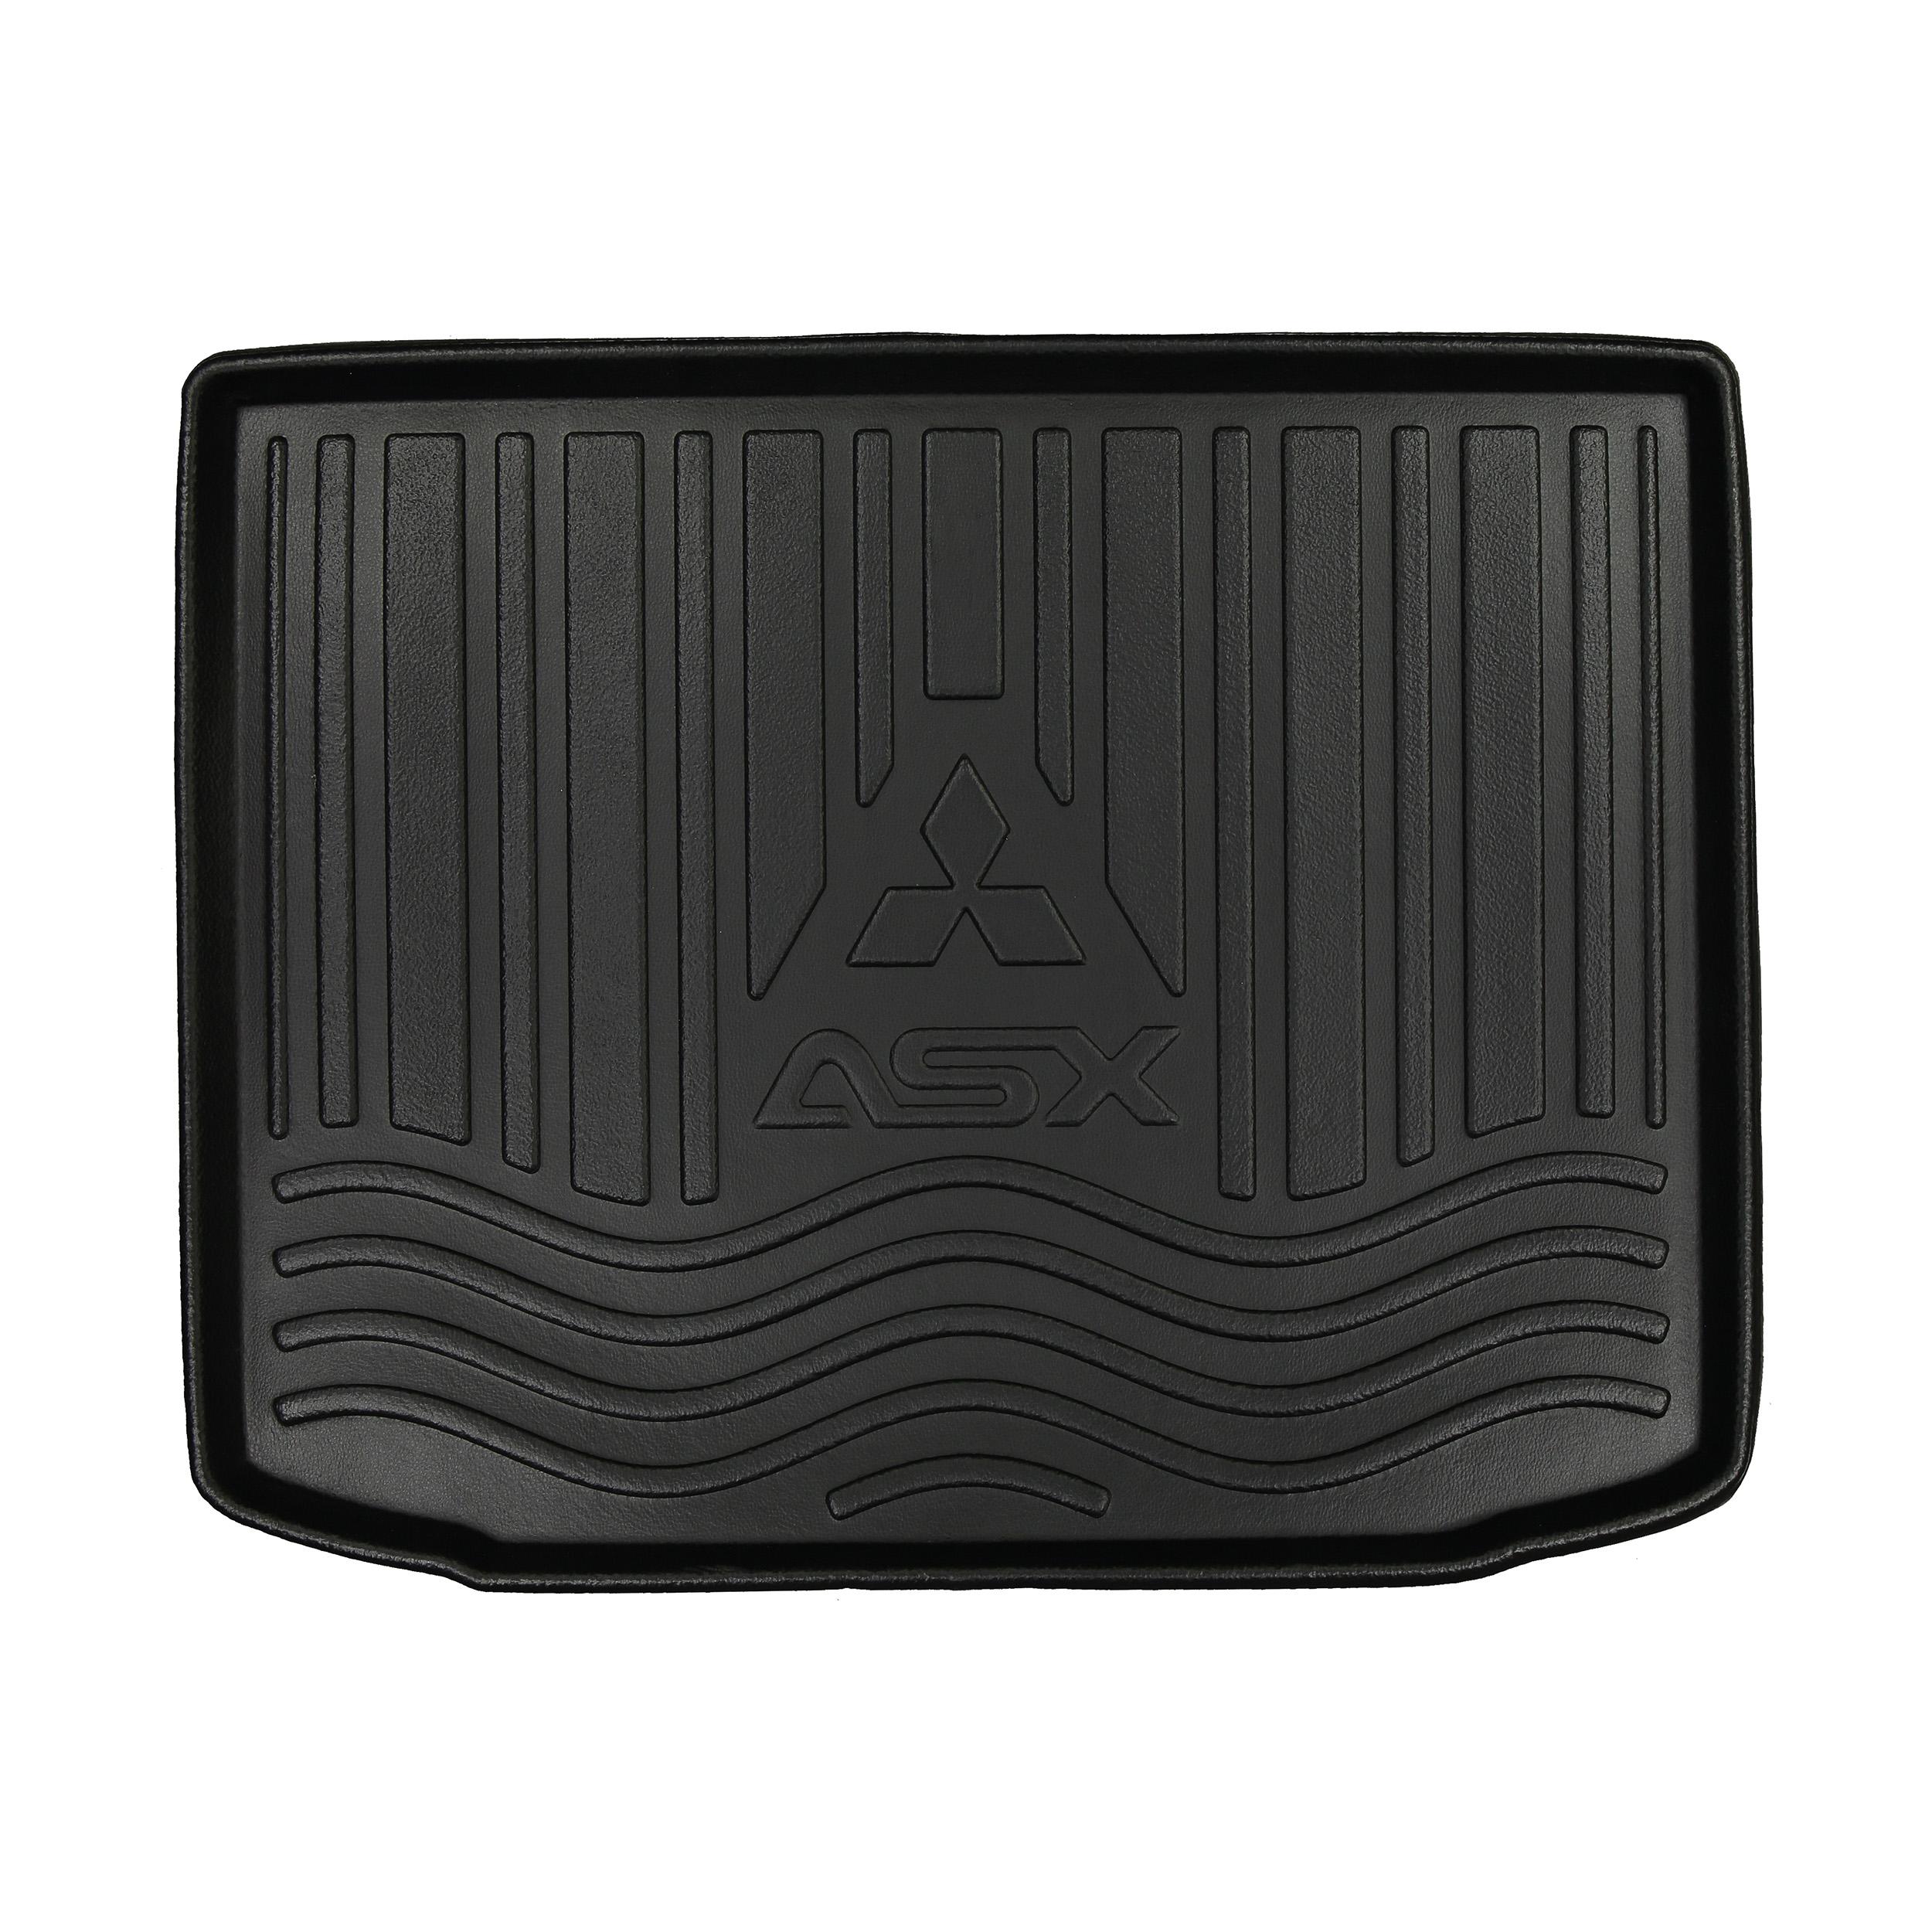 کفپوش سه بعدی صندوق خودرو بابل مدل 001 مناسب برای میتسوبیشی ASX